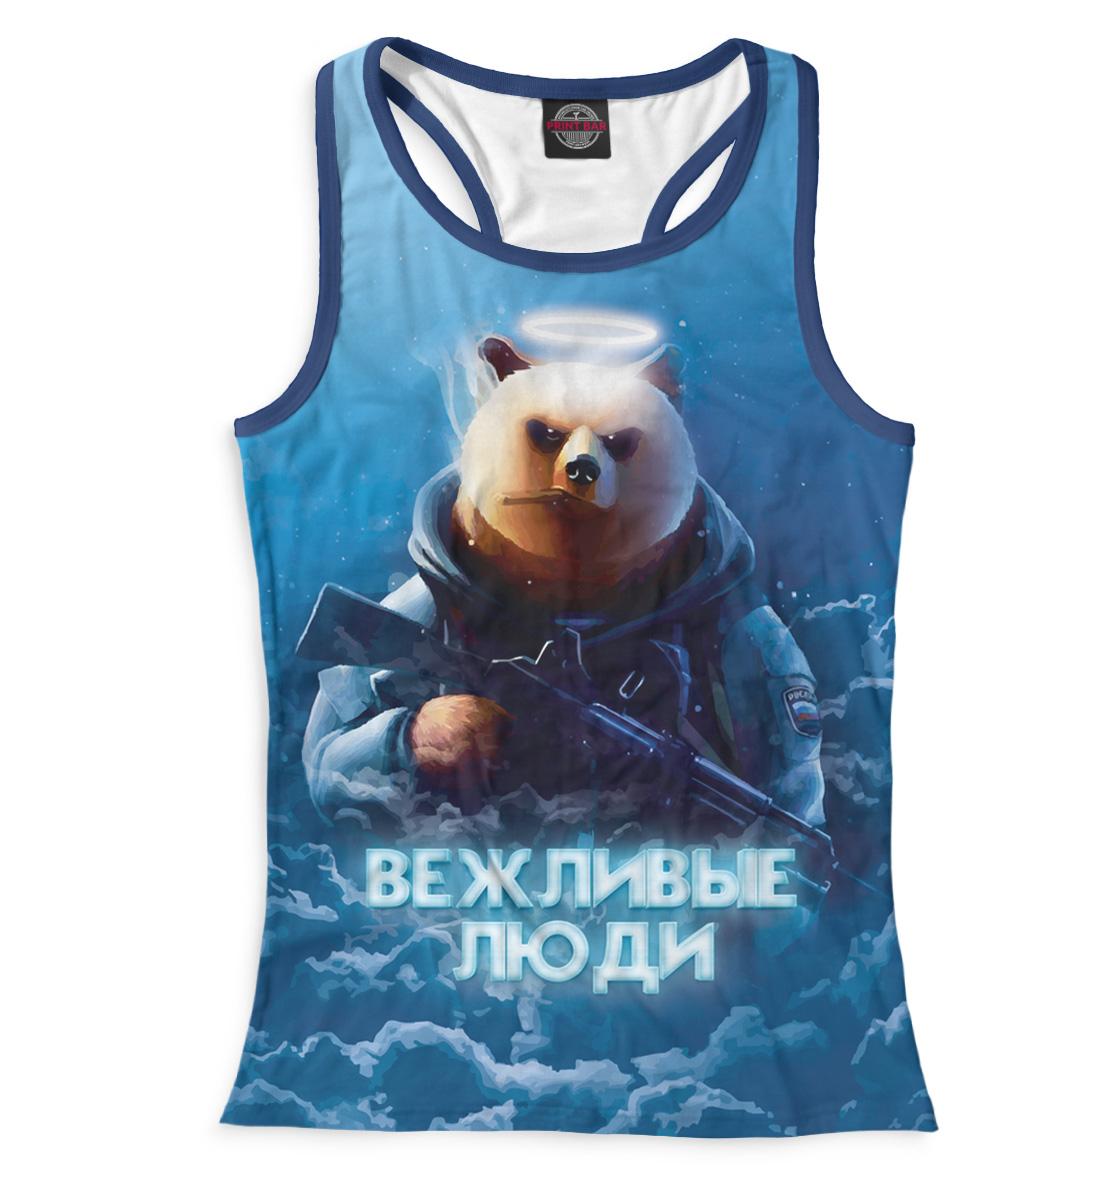 Купить Вежливые люди, Printbar, Майки борцовки, VSY-521169-mayb-1